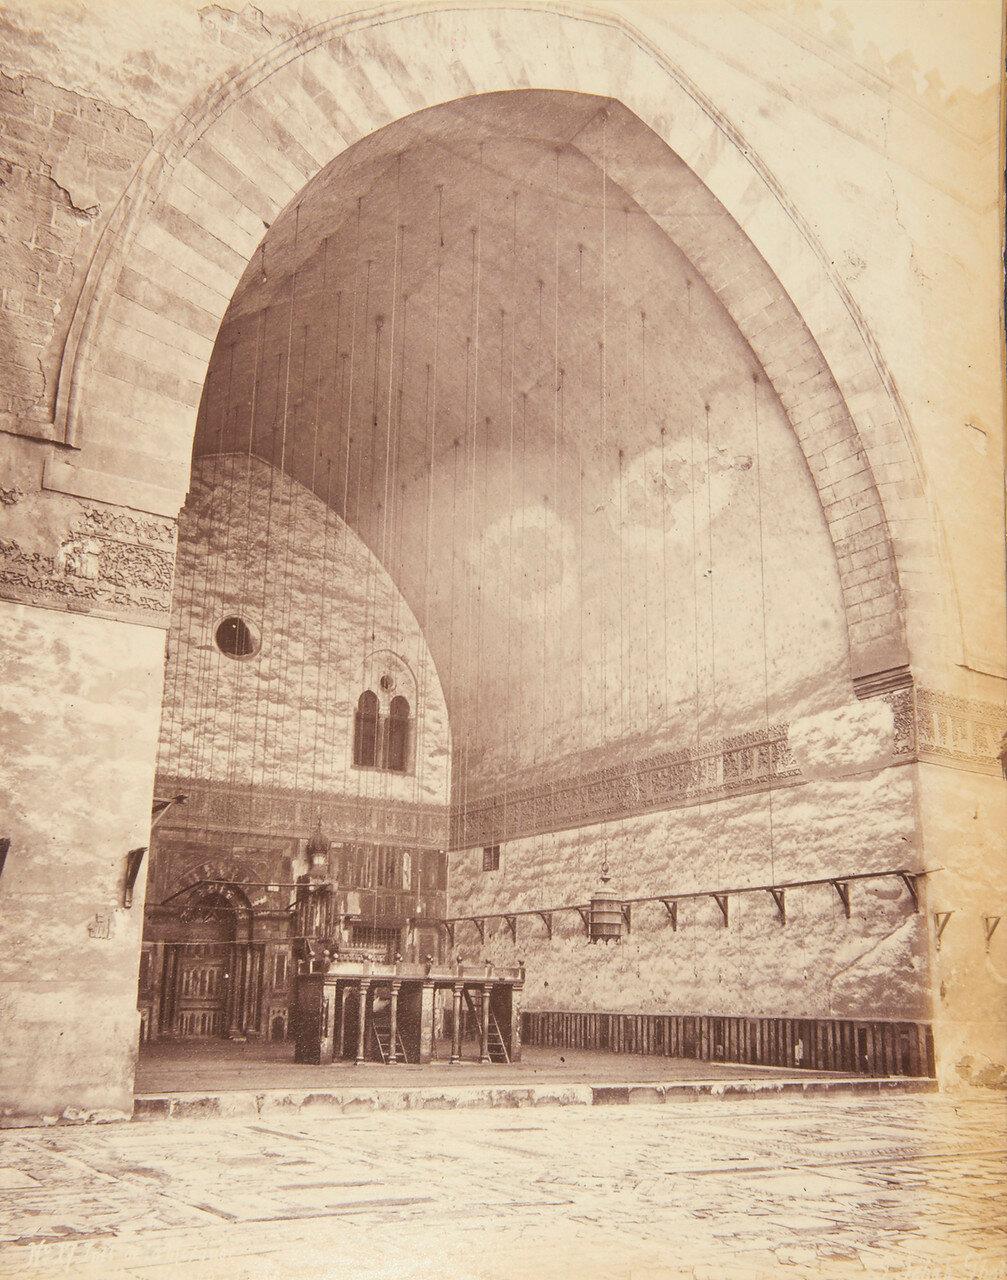 Каир. Мечеть султана Хасана. 1875-1882